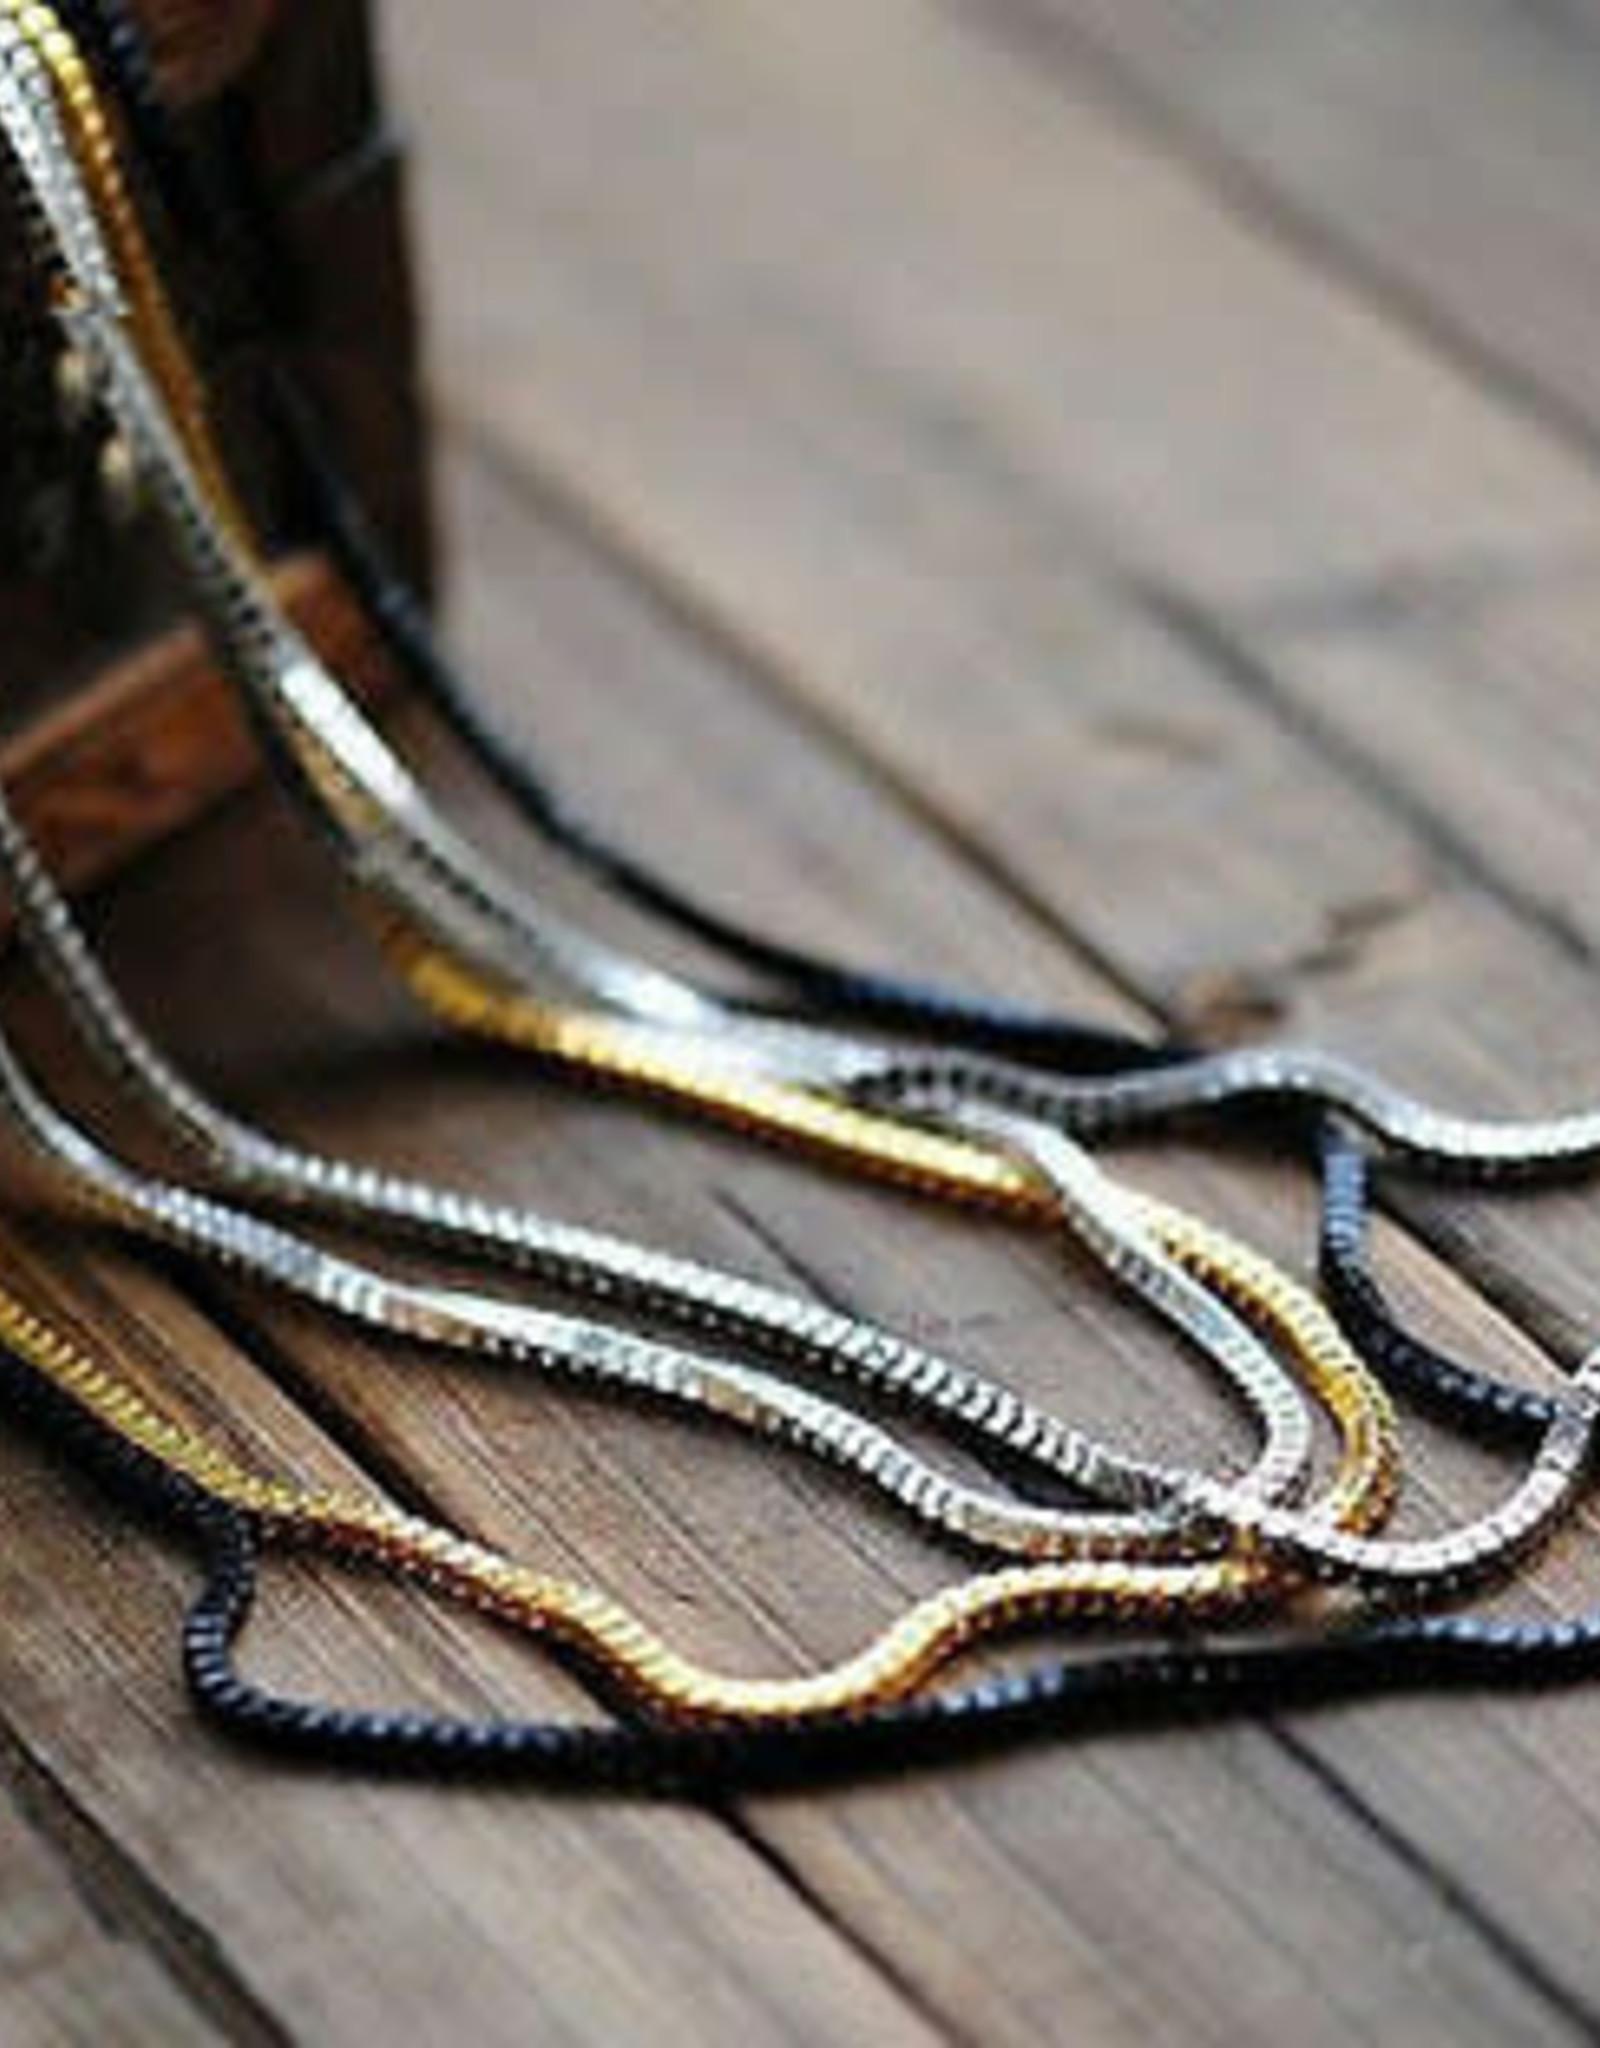 Chain Swe-ater Tassel Pendant